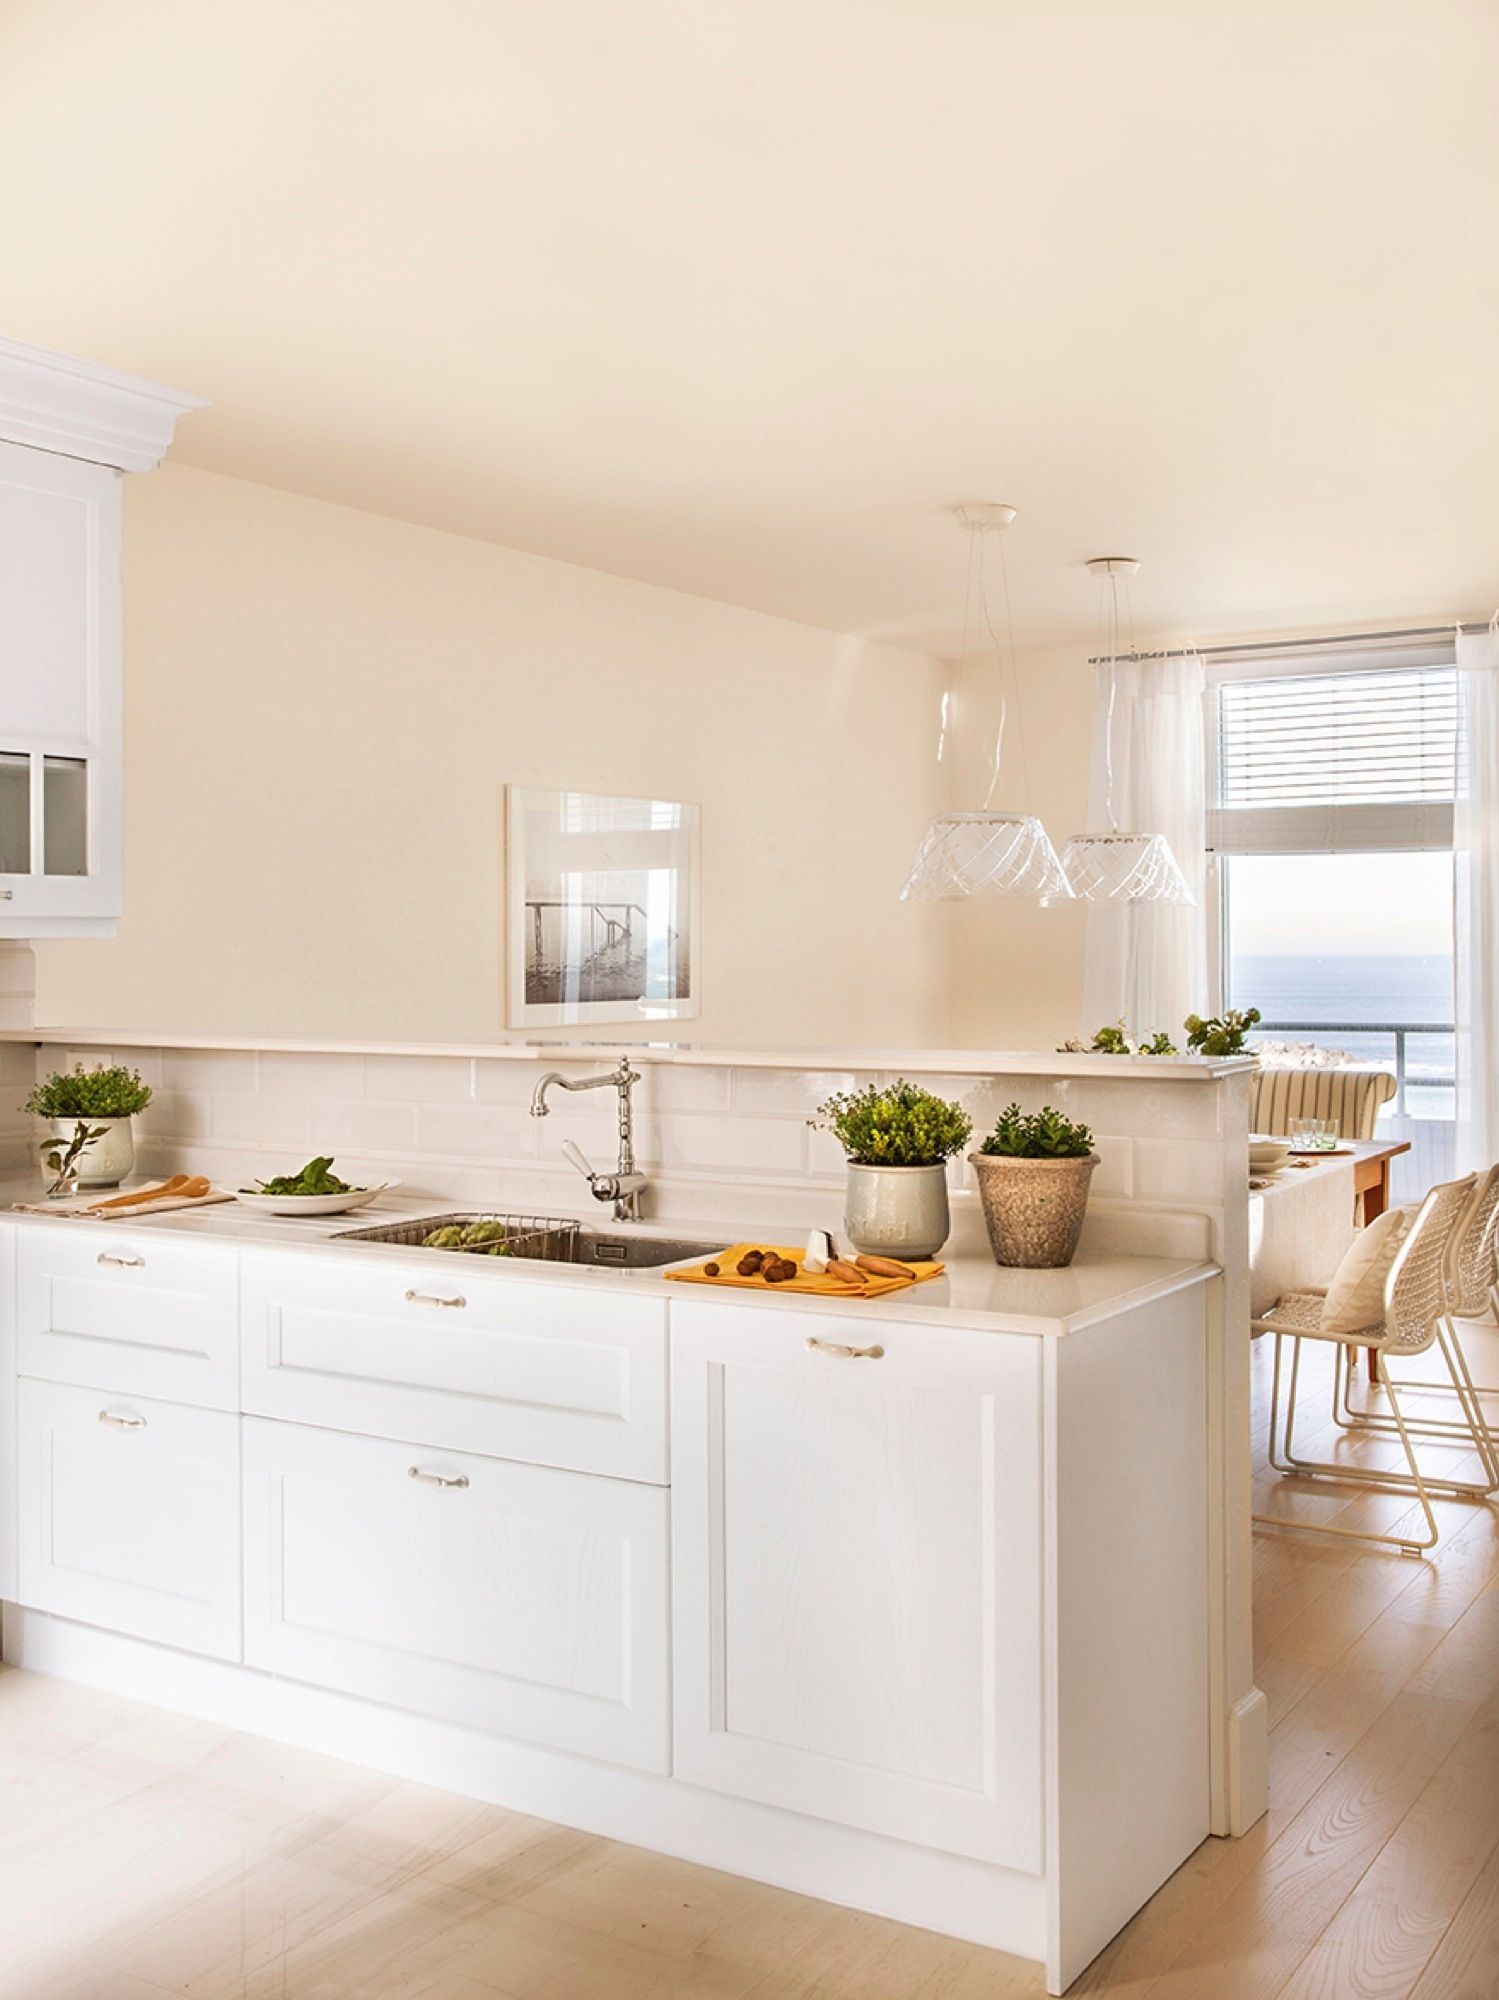 Cocinas abiertas adi s a la claustrofobia en 2019 for Separacion de muebles cocina comedor